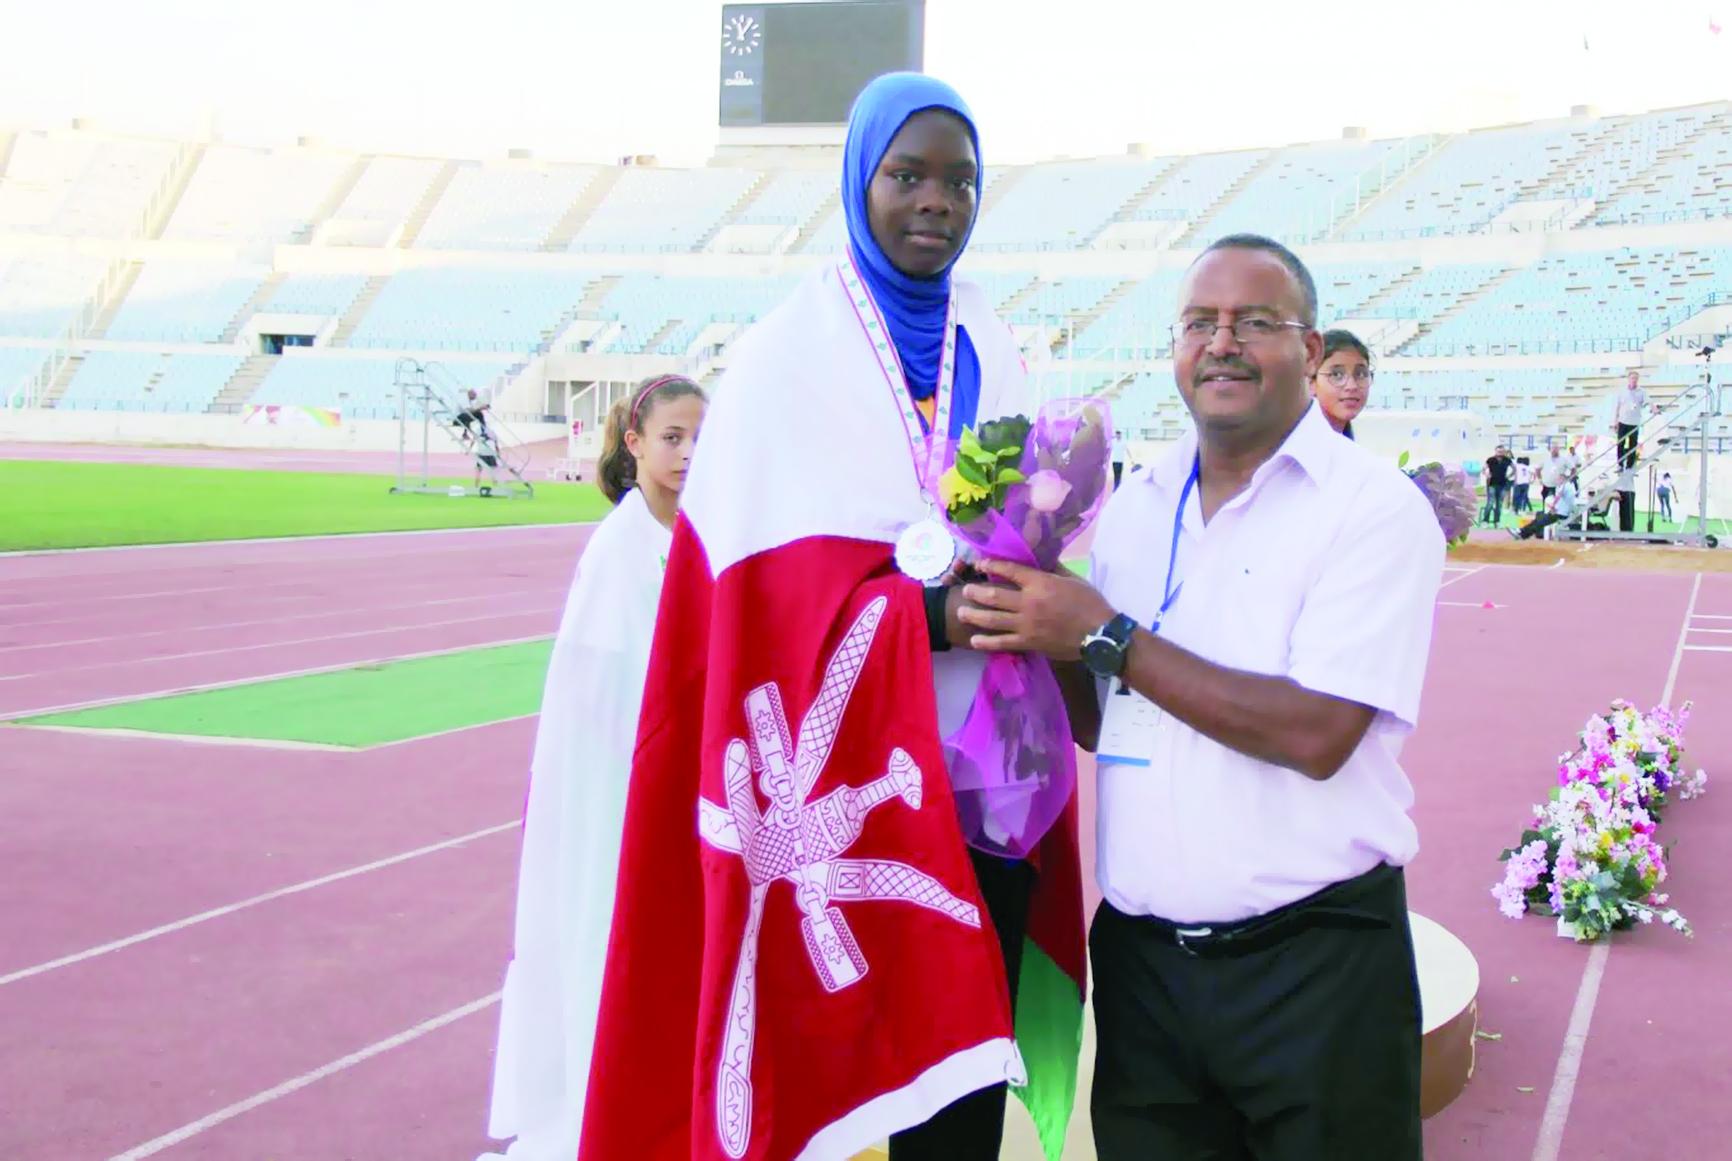 منها 3 ذهبيات و7 فضيات و3 برونزياتمنتخباتنا المدرسية تتقلد بـ 13 ميدالية في «الجمنزياد» العربي